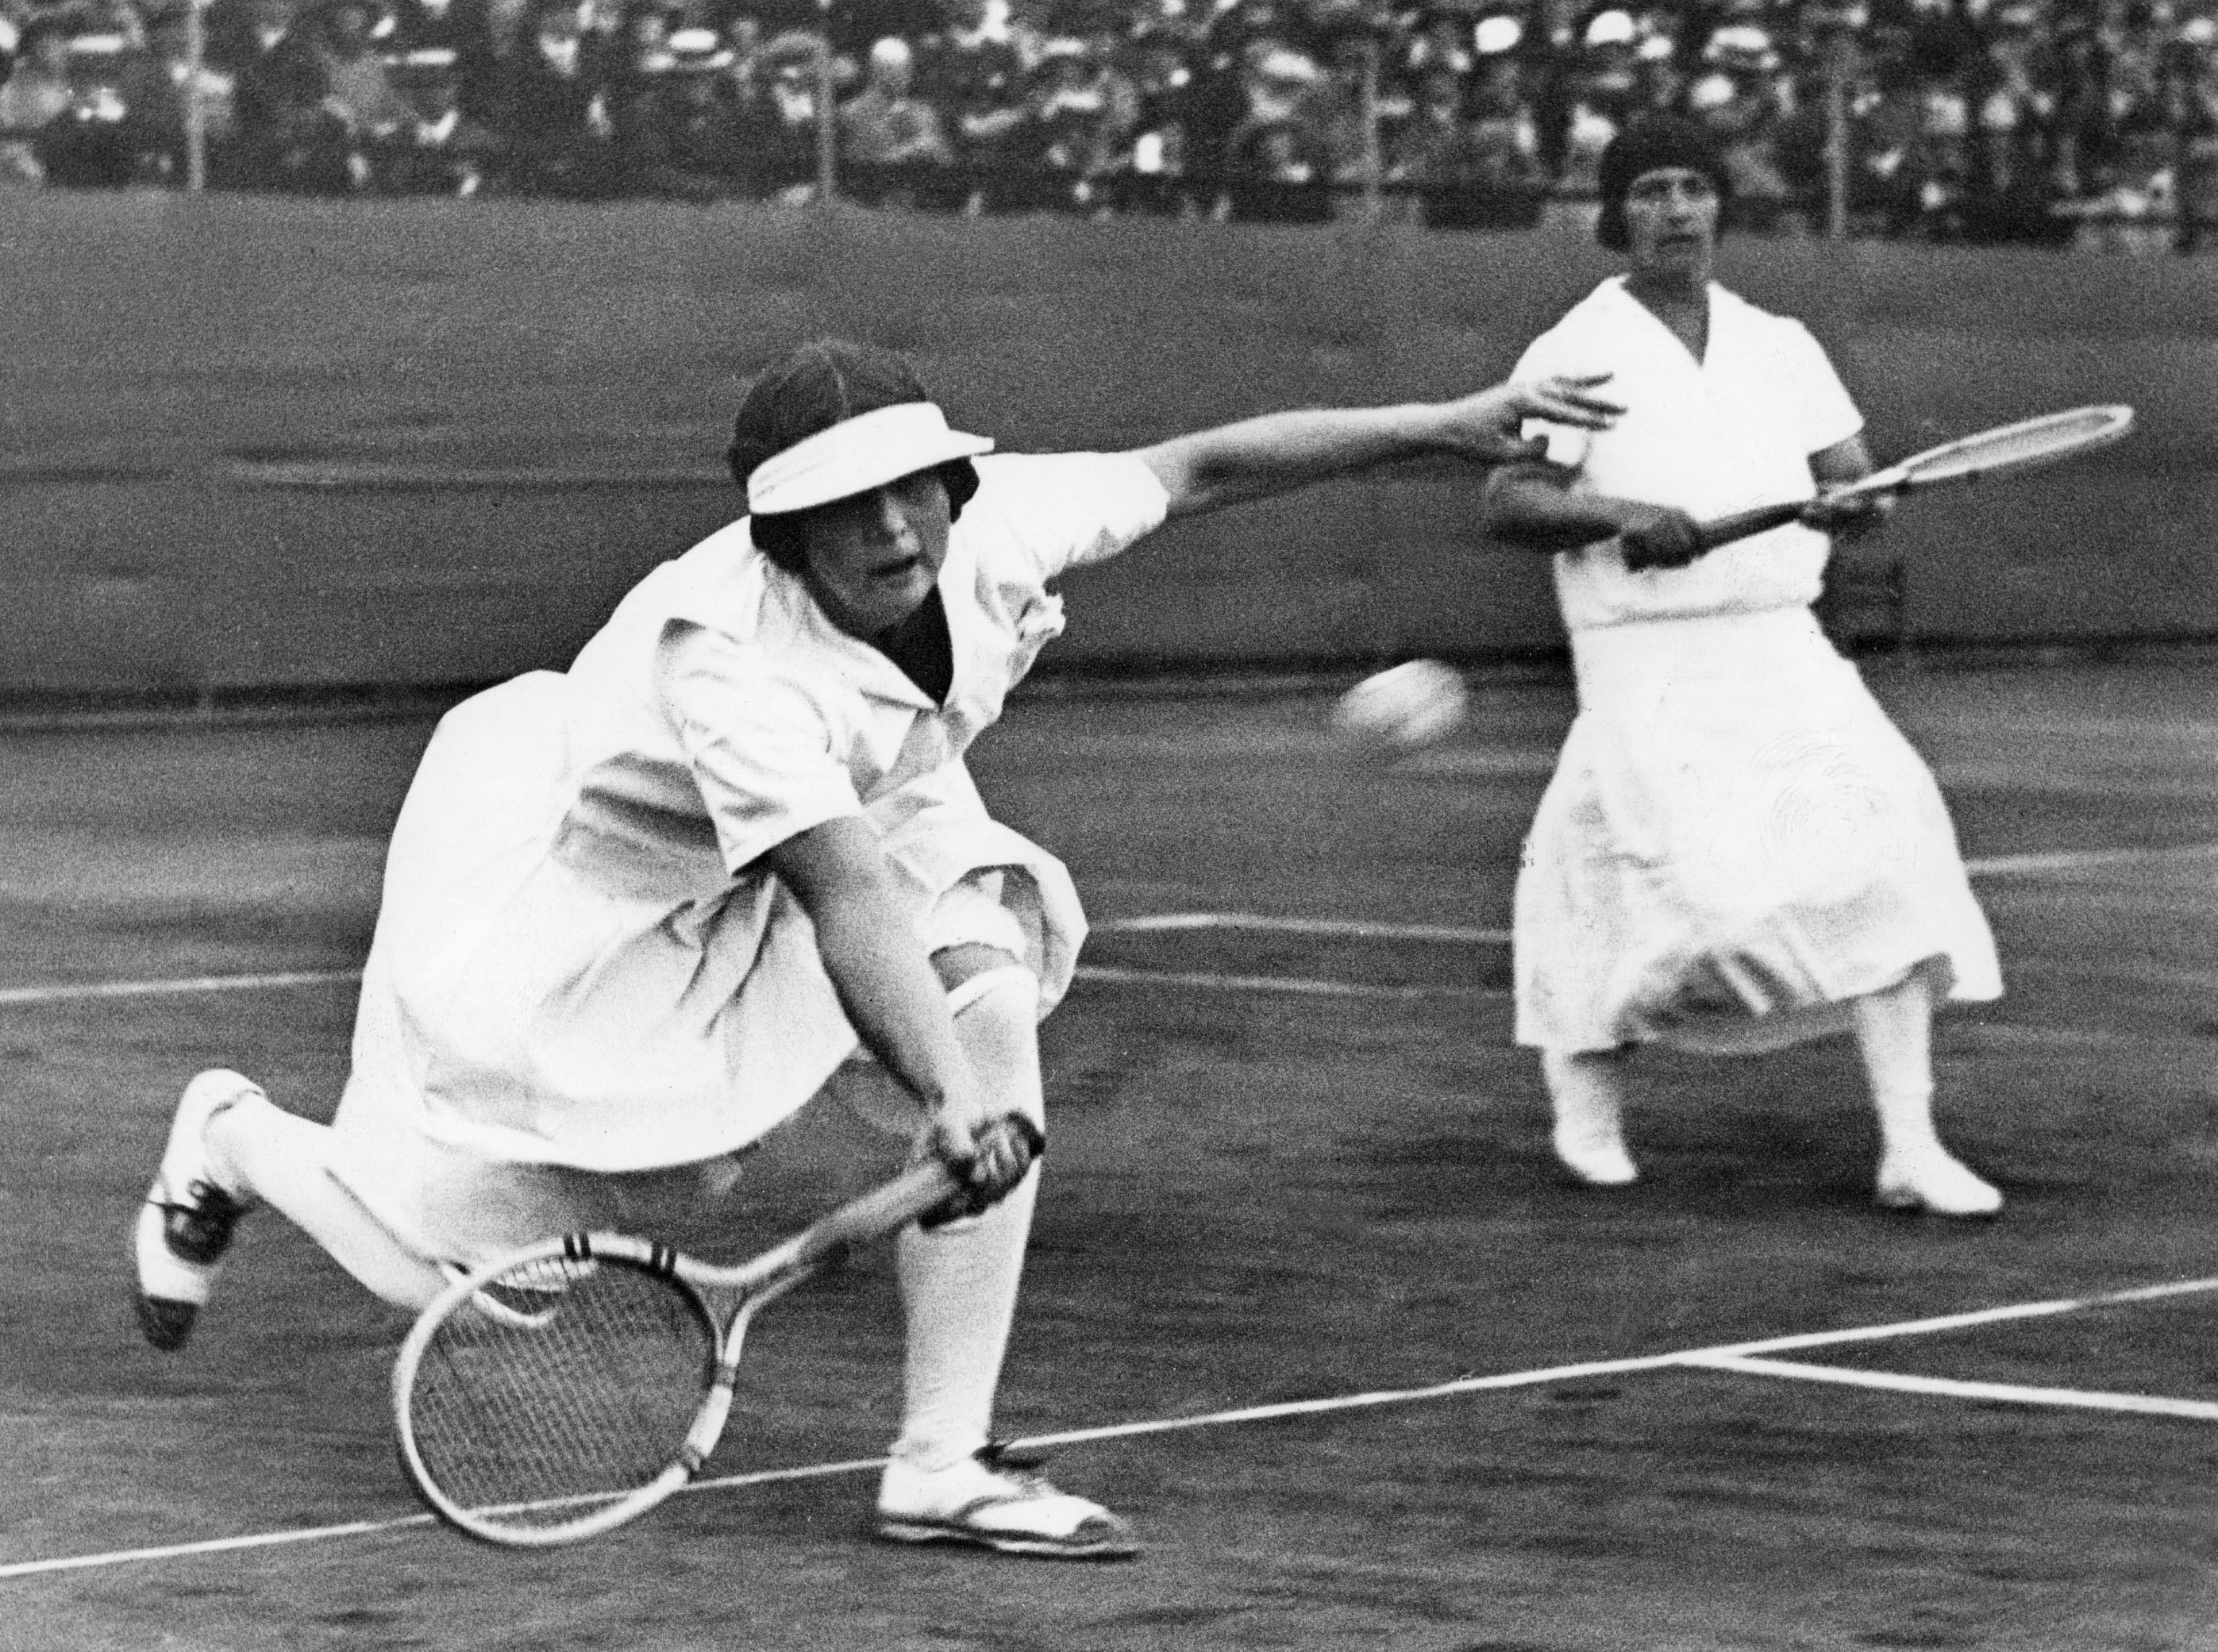 A tenista americana Helen Wills Moody foi uma verdadeira estrela. Em dupla com Hazel Wightman, ganharam a medalha de ouro nos JO de Paris, em 1924. Depois disso, o tênis só voltou às Olimpíadas em 1988. Helen também ganhou a medalha de ouro em simples. Em sua carreira, ela ganhou 31 torneios Grand Slam